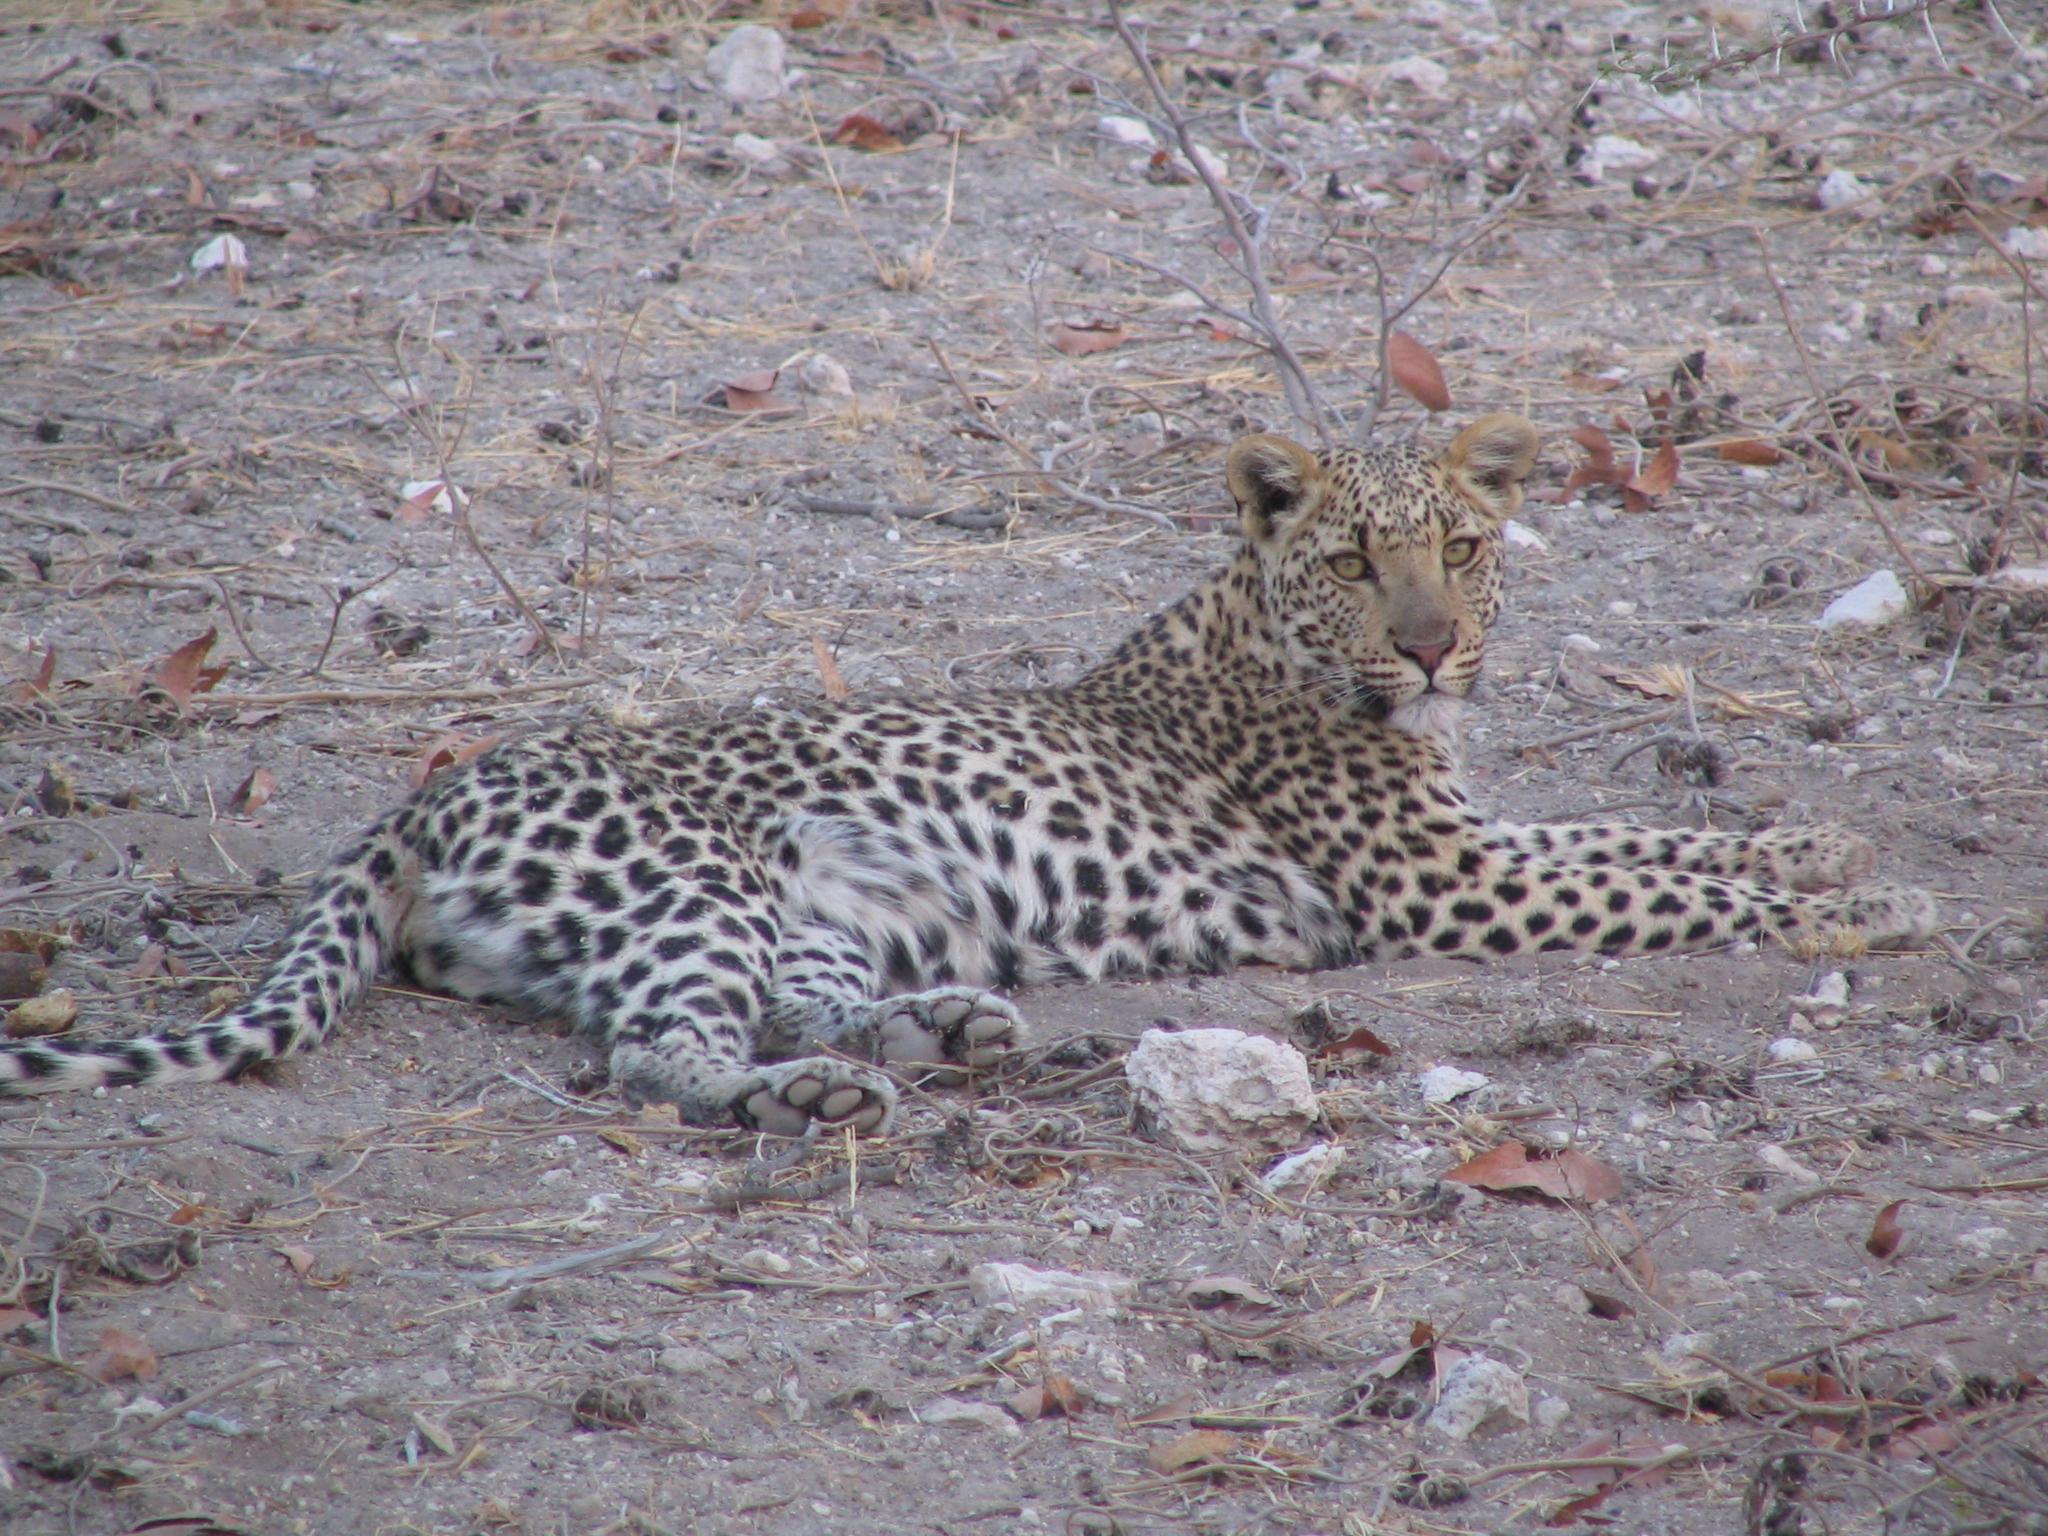 Female leopard in Etosha National Park, Namibia